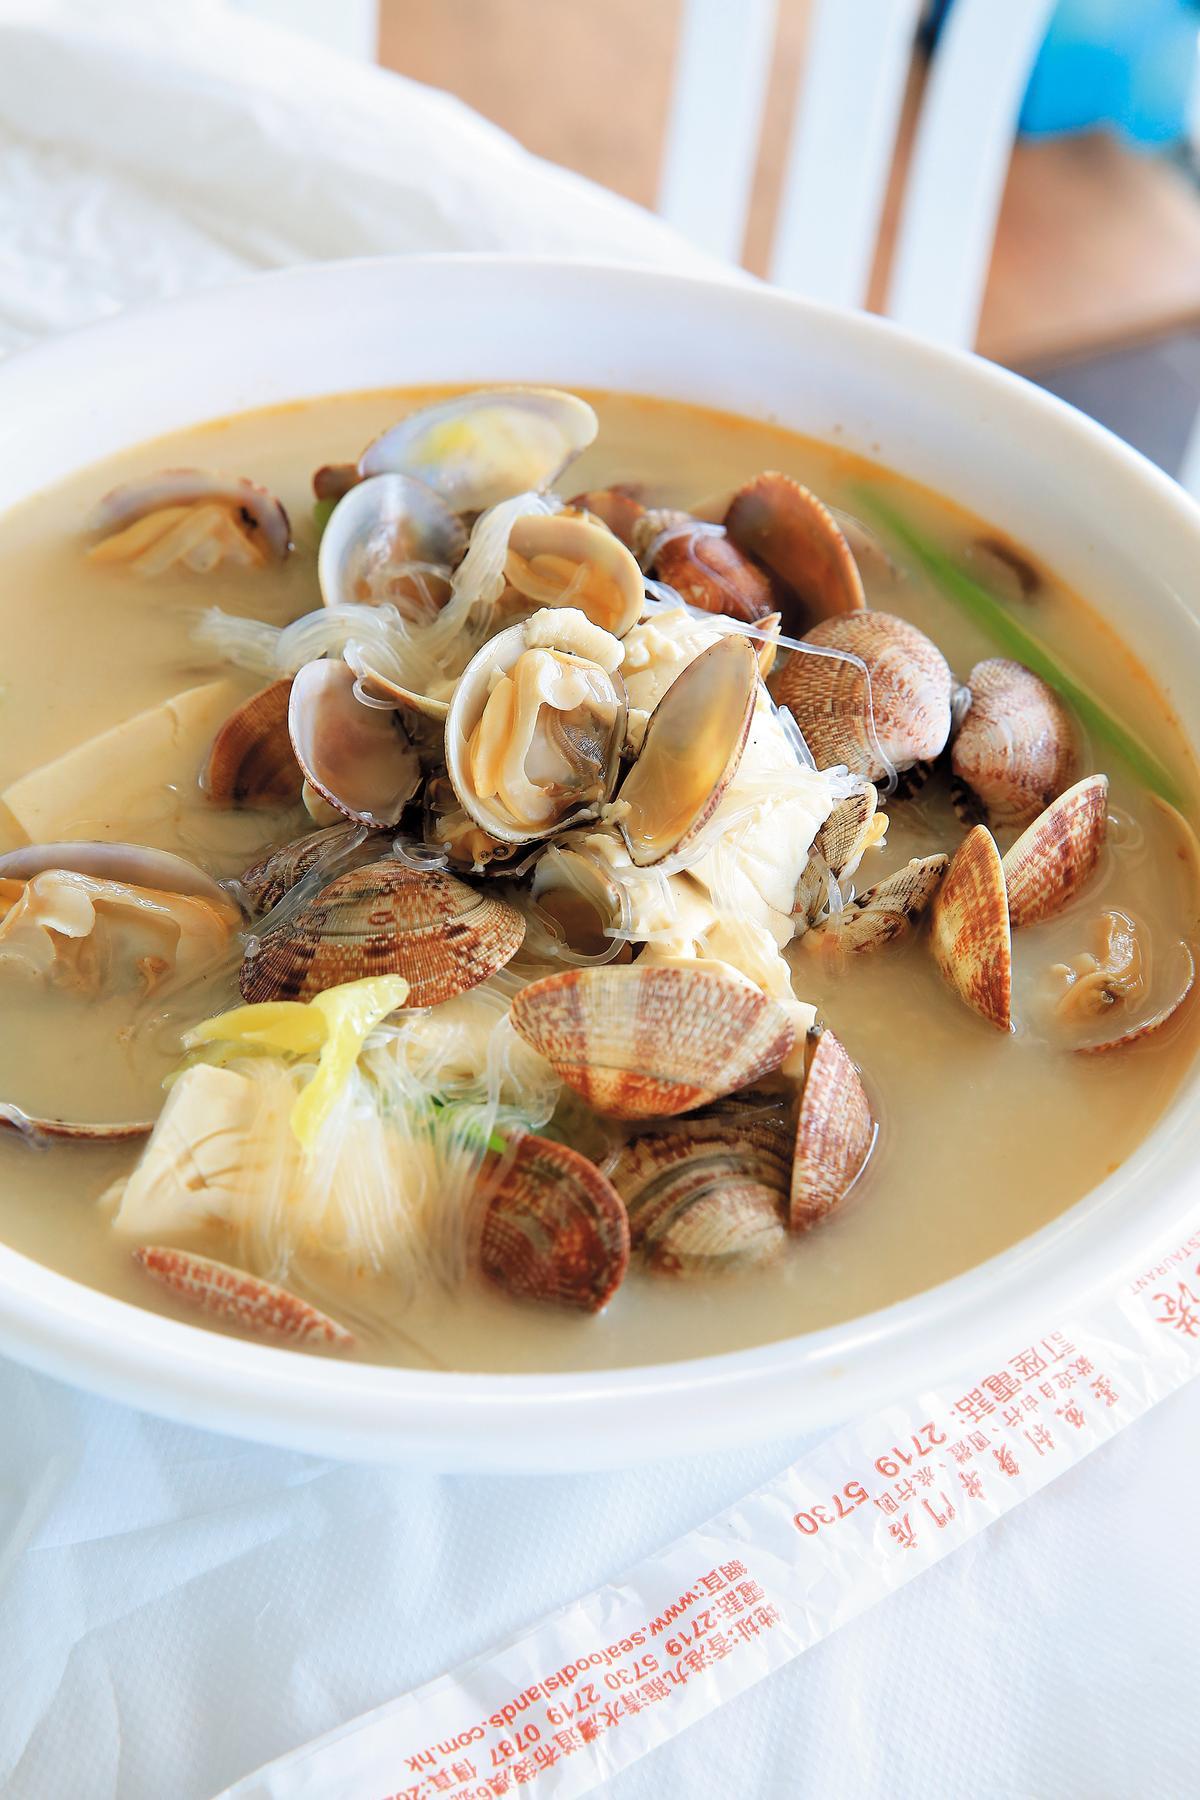 加了白菜、豆腐的「漁翁蜆湯」,是最質樸美味的漁家菜。(單點,港幣98元/份,約NT$382)